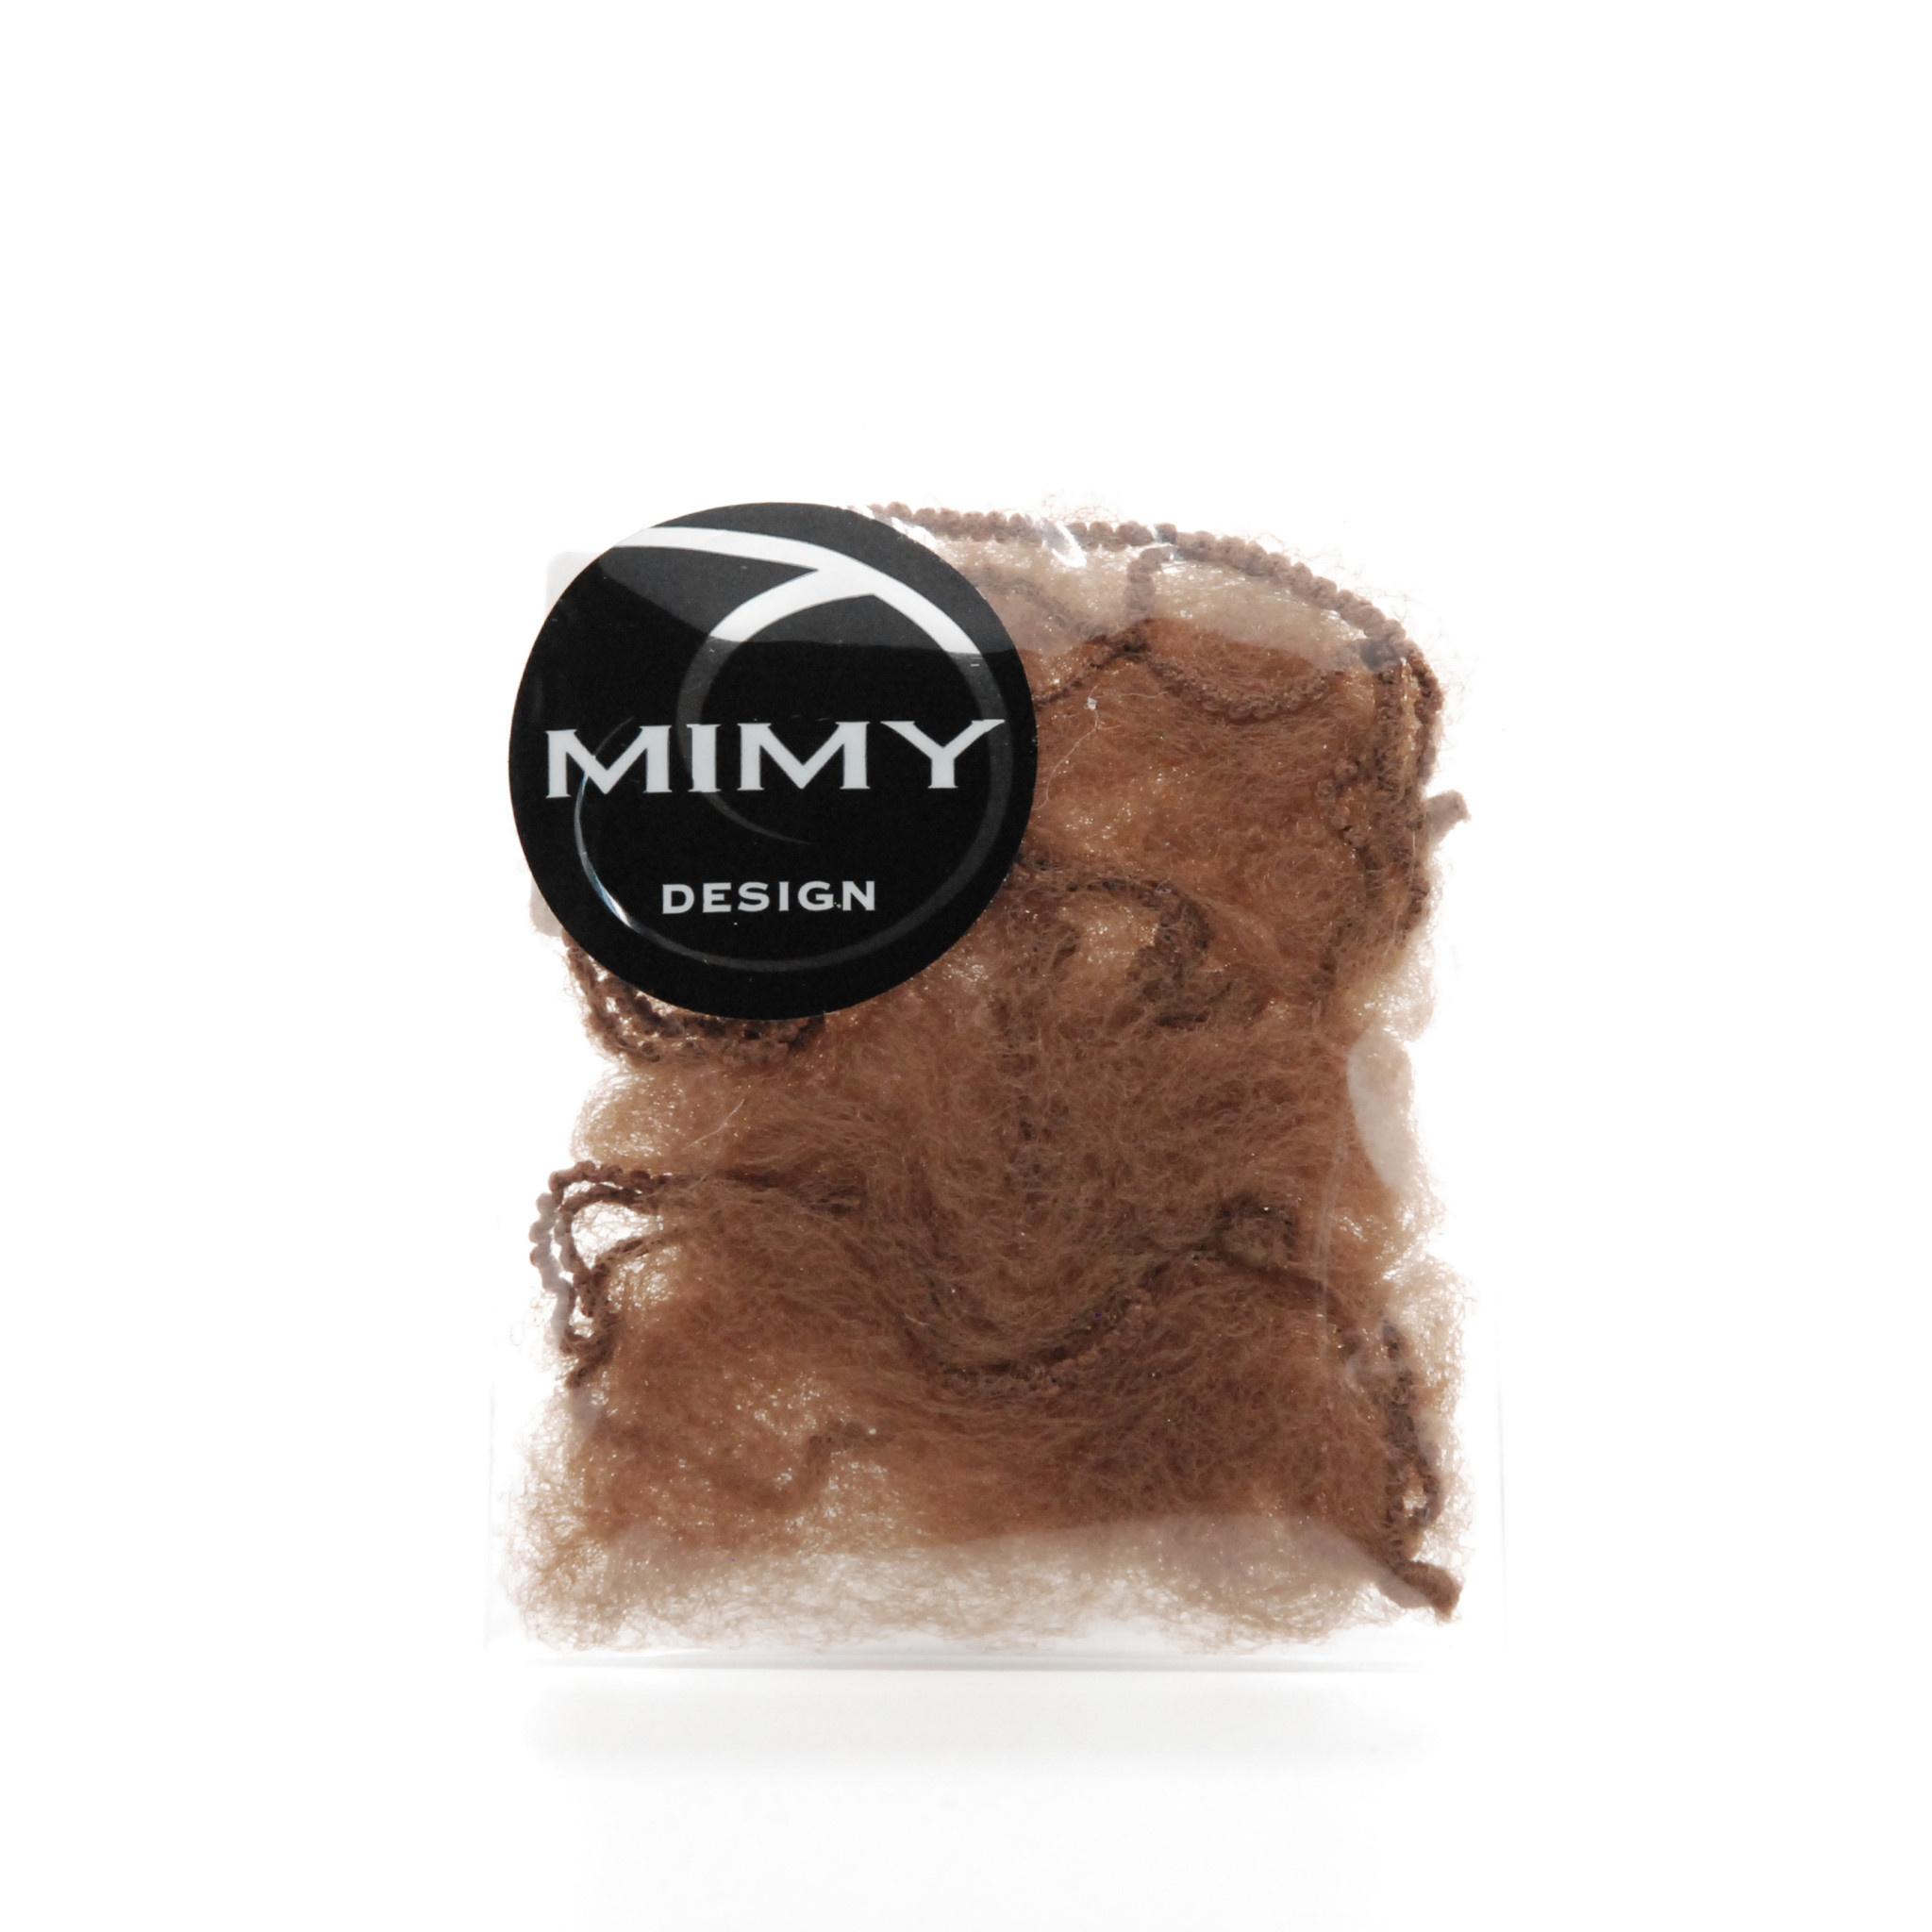 Mimy Design  Filet pour cheveux - Mimy Design - MIHB014A